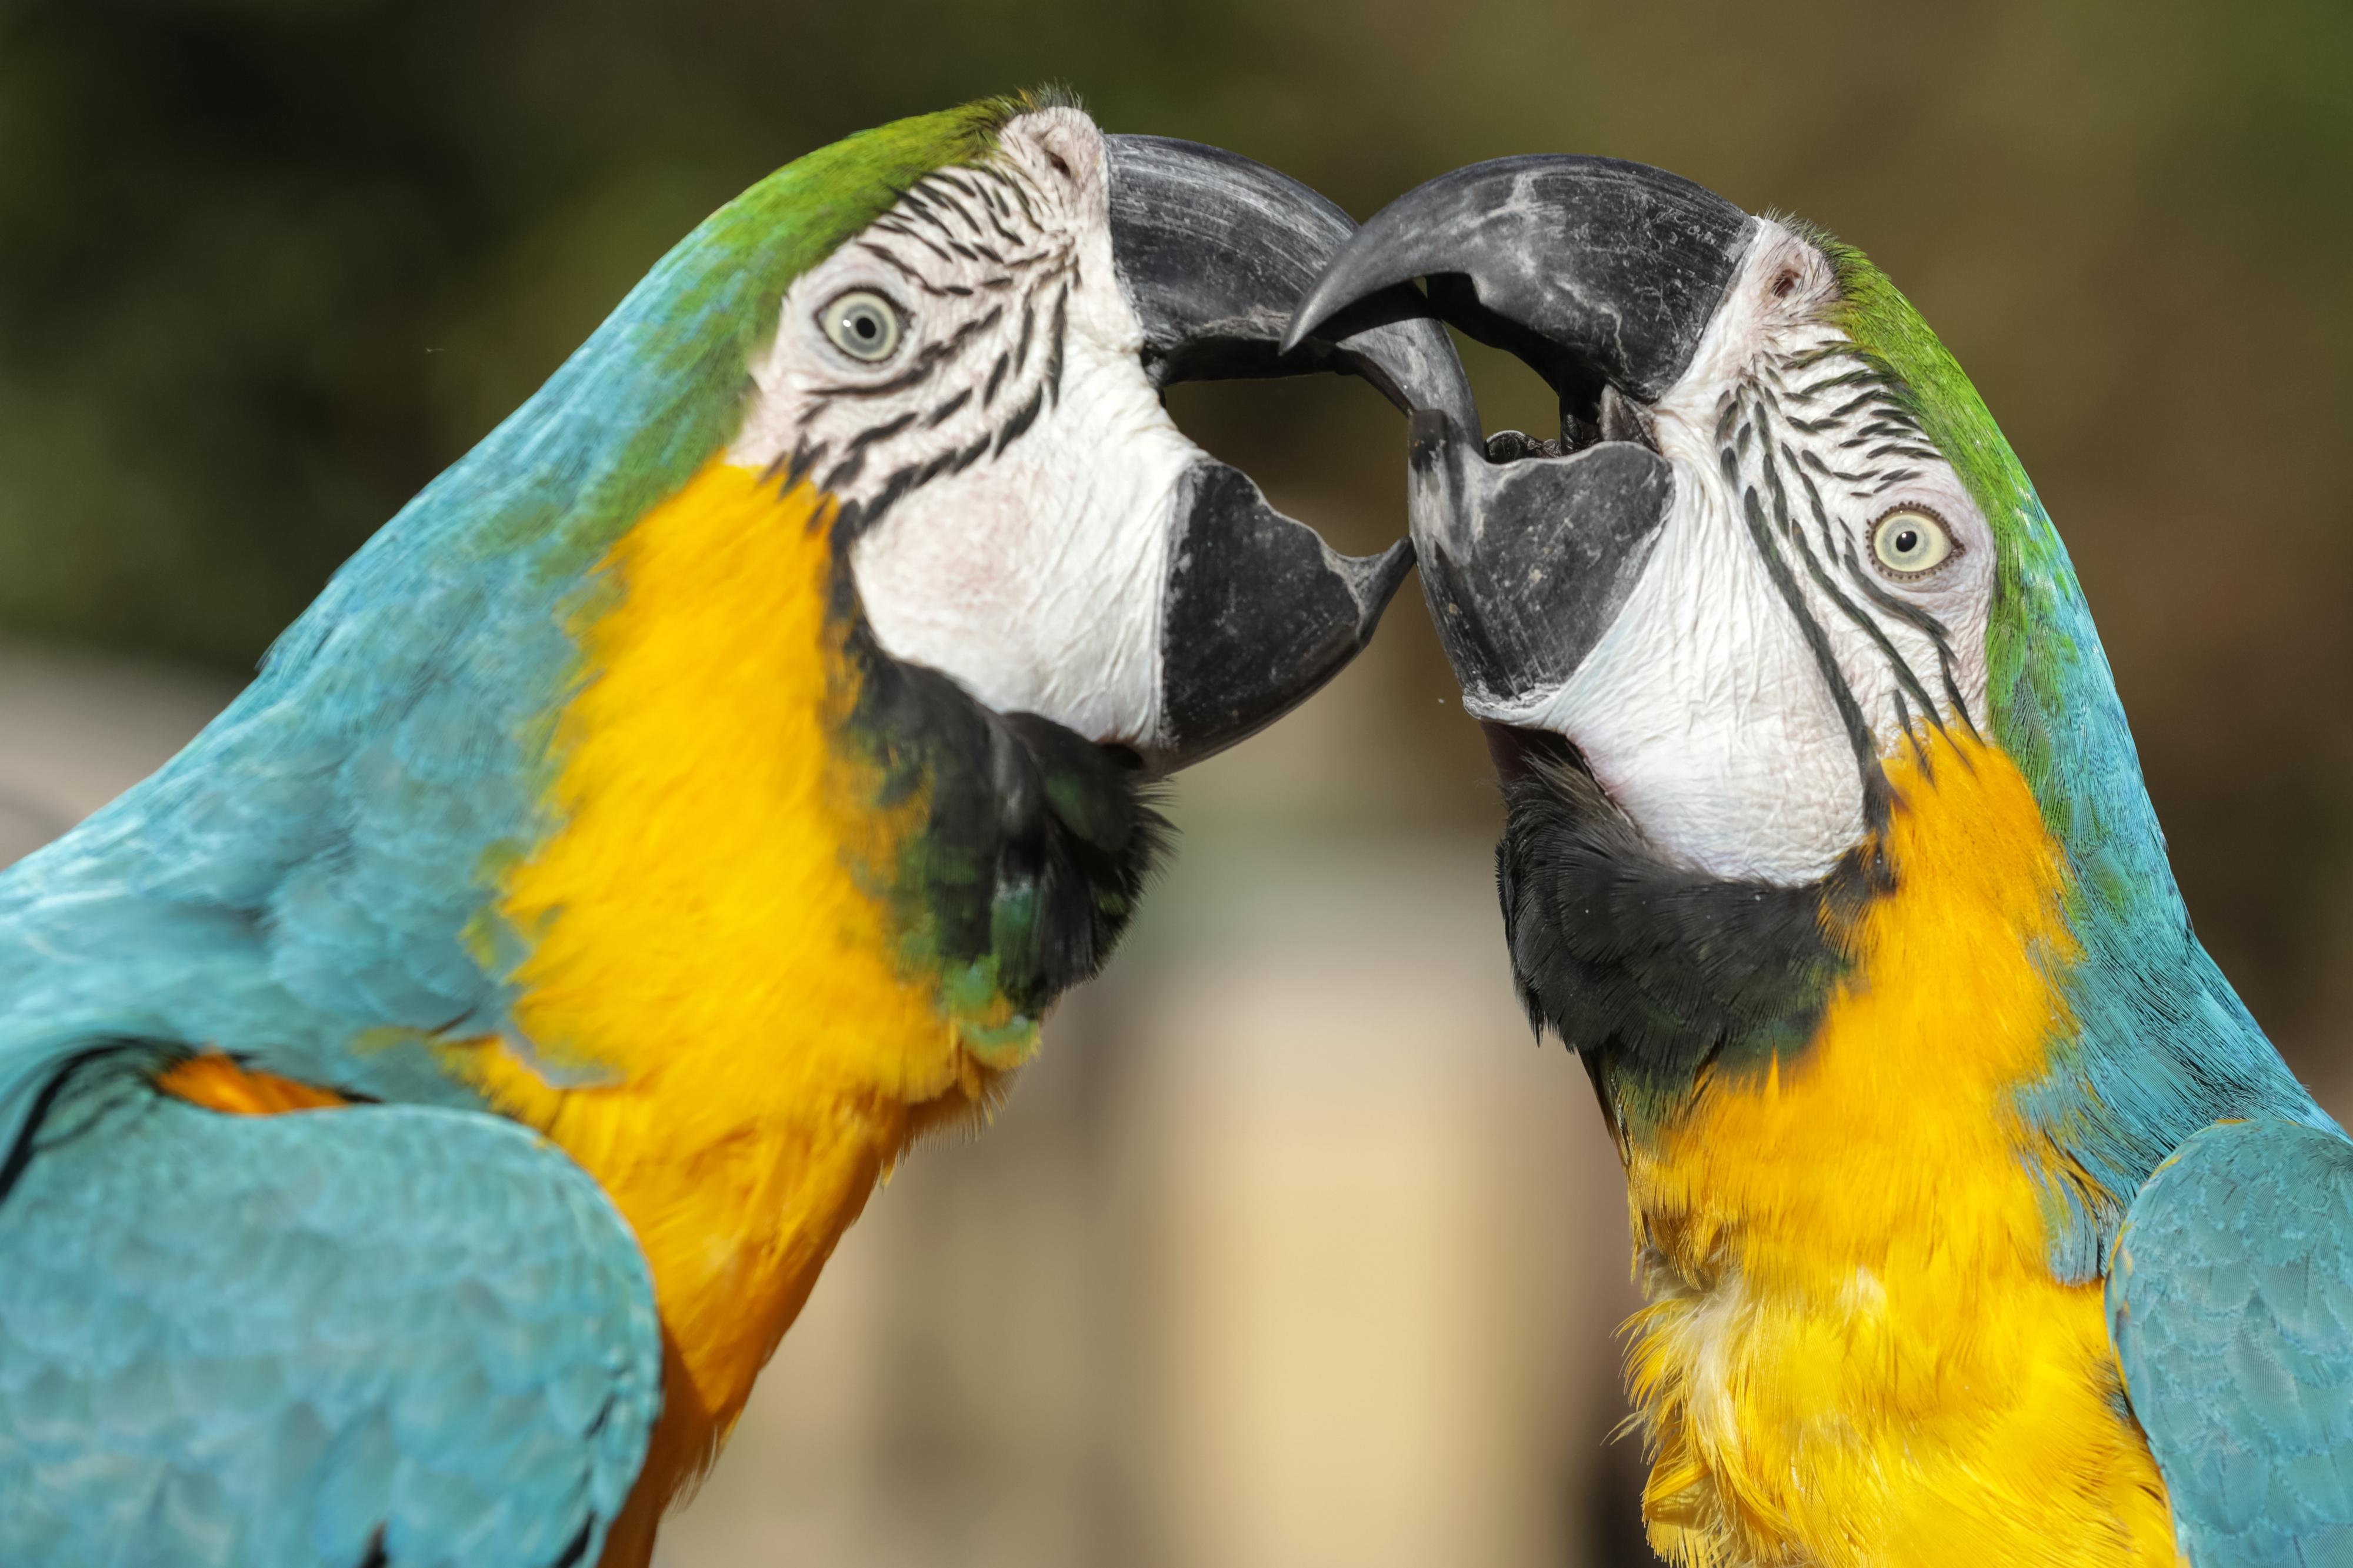 O seu destino era o tráfico, mas acabaram por nascer no Zoo de Lisboa. A história de Yeti e de outras aves exóticas